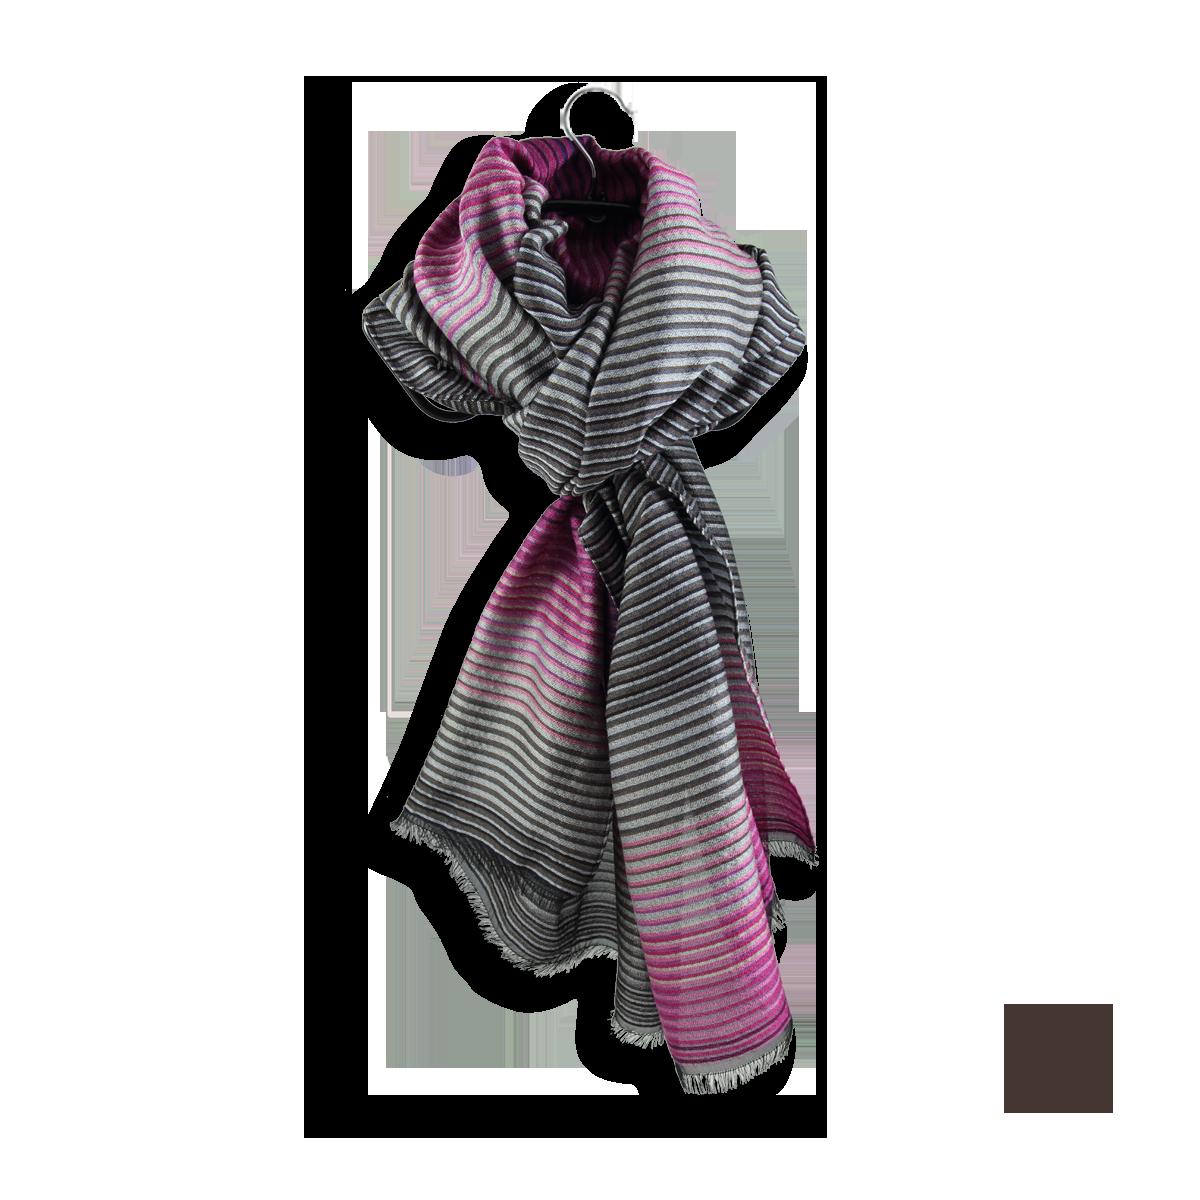 bd4c3b1ce22d Etole Femme à rayures Rose Gris en Laine Coton Soie - Ultra chic